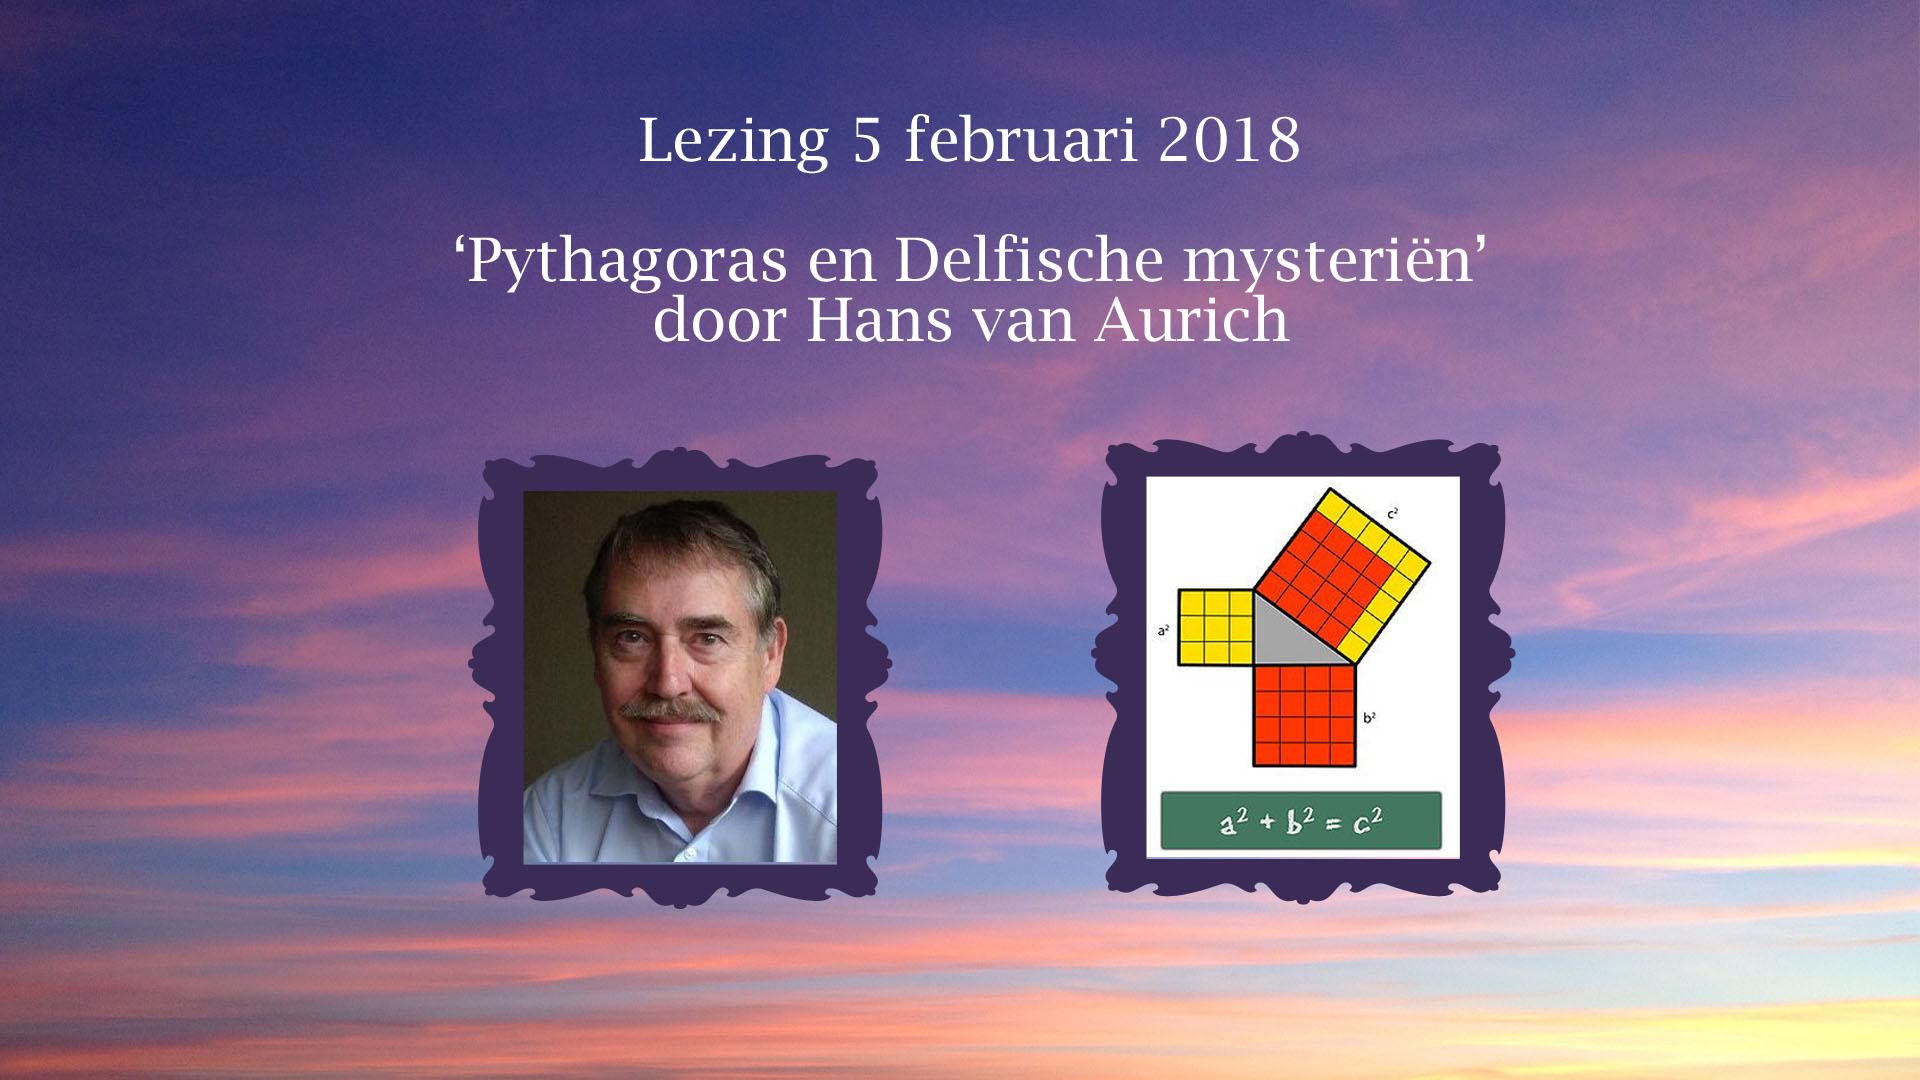 Lezing door Hans van Aurich: Pythagoras en Delfische mysteriën